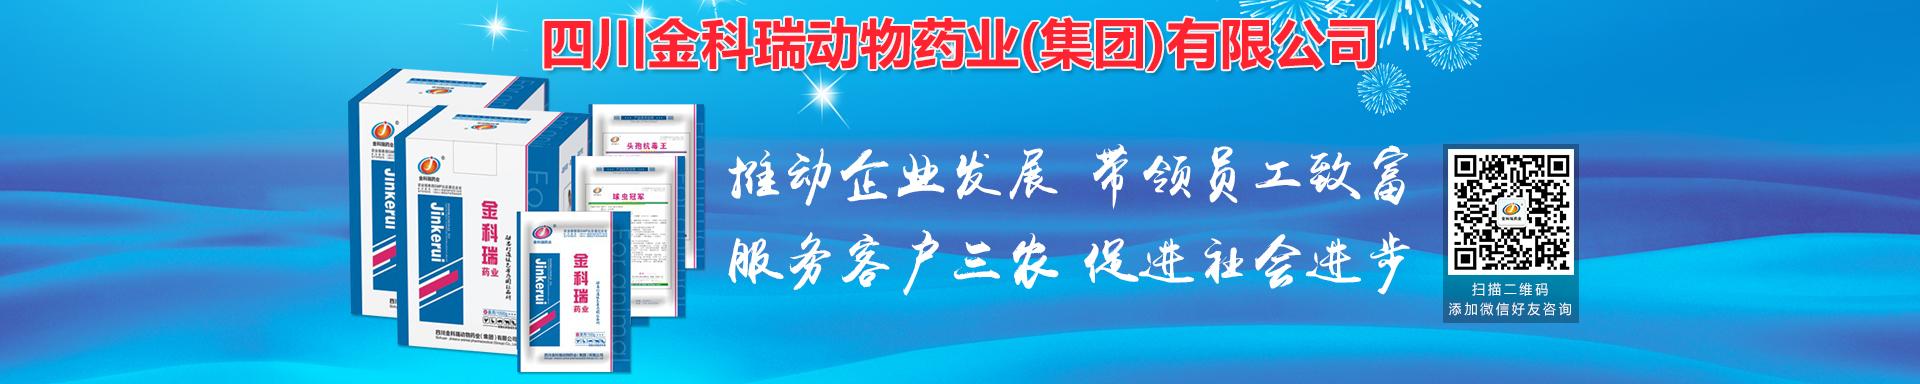 四川金科瑞动物药业(集团)有限公司